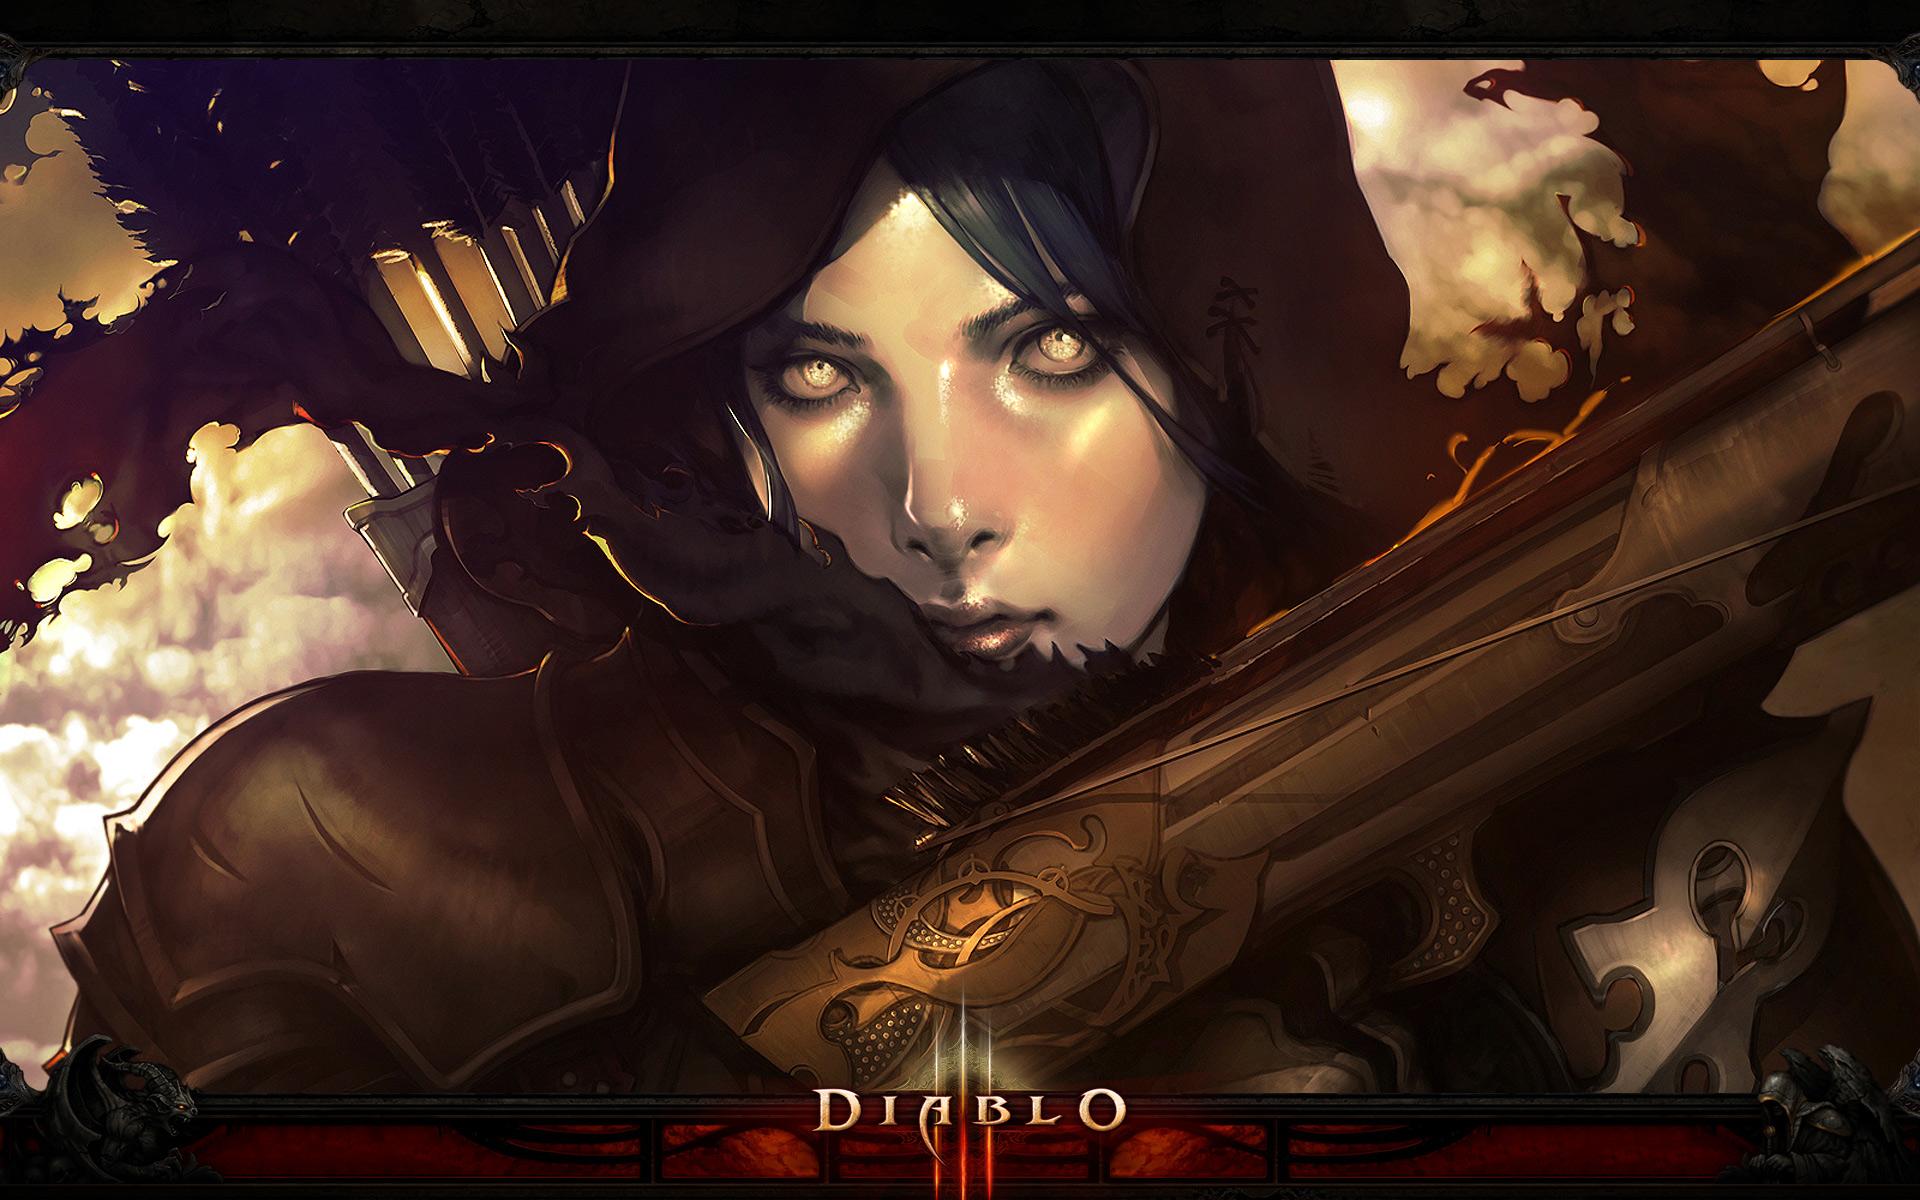 fan-wallpaper-06 Demon Hunter Dibalo III